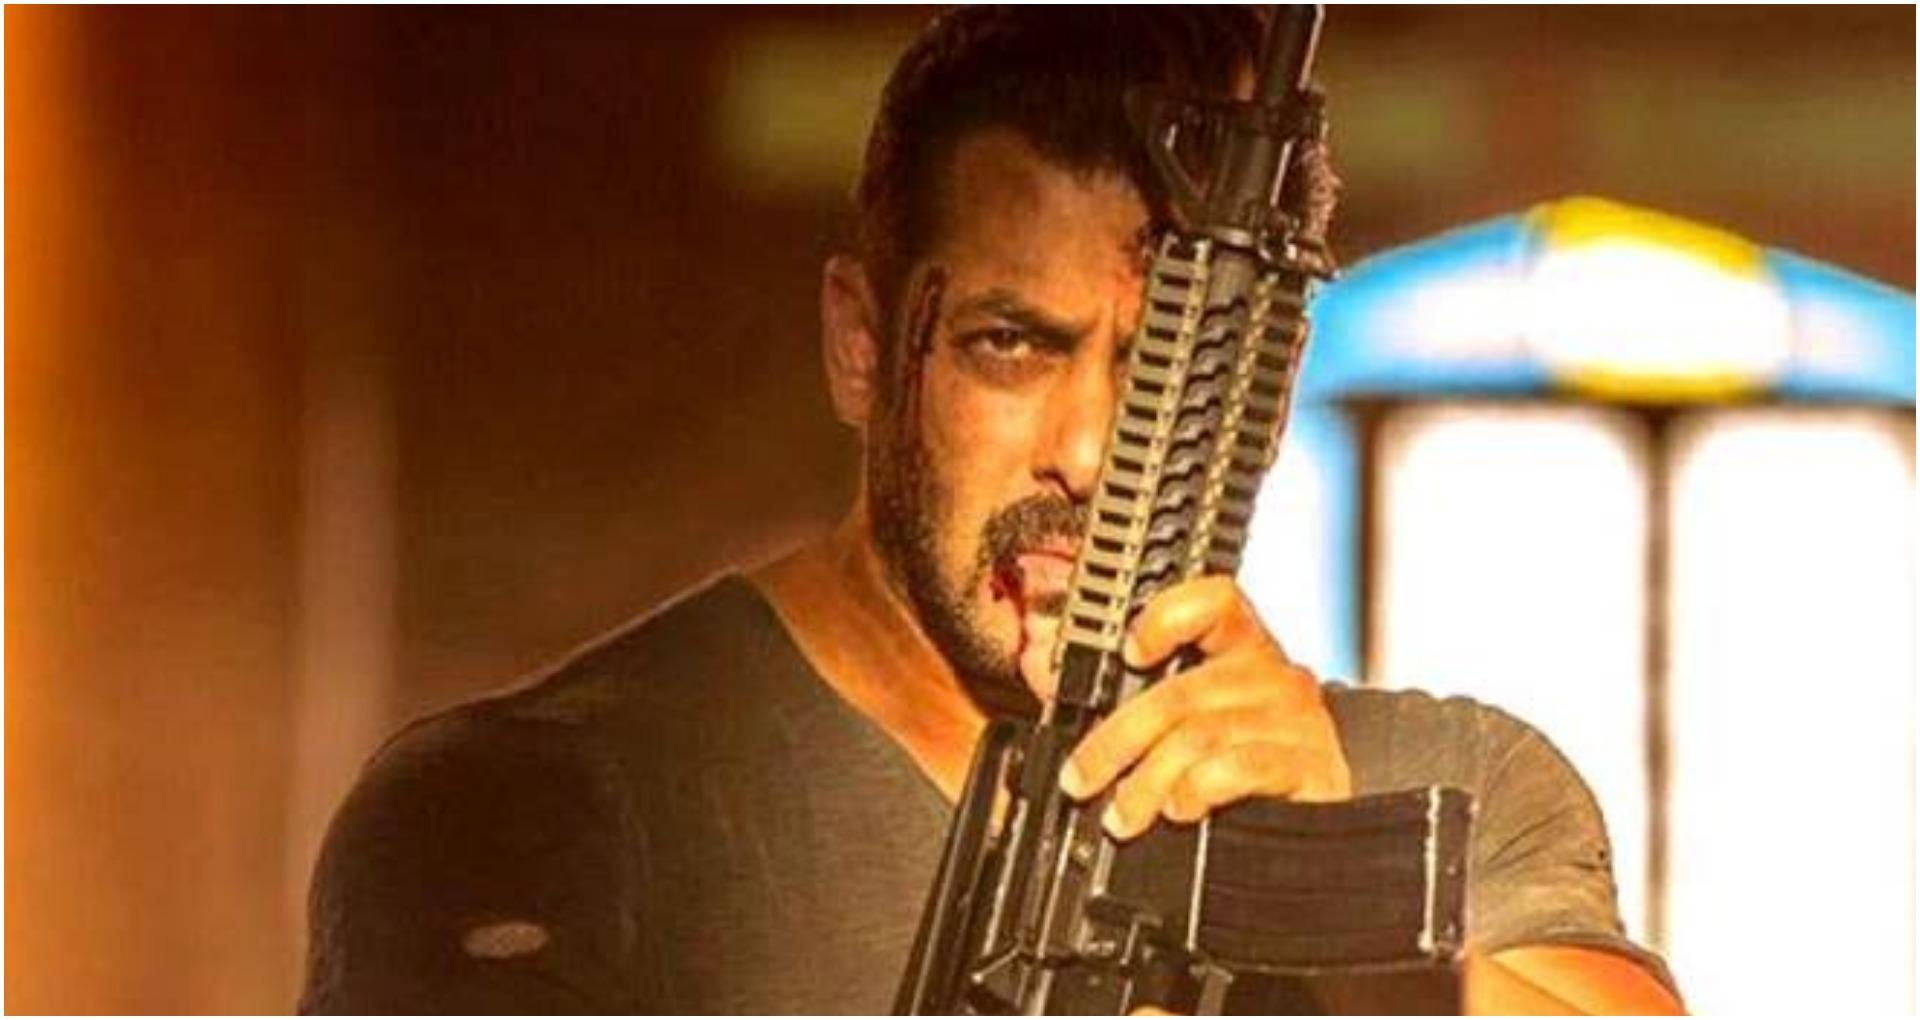 फैंस की सलमान खान से डिमांड, पर्दे पर हो टाइगर की वापसी, सोशल मीडिया पर ट्रेंड करने लगा #Tiger3